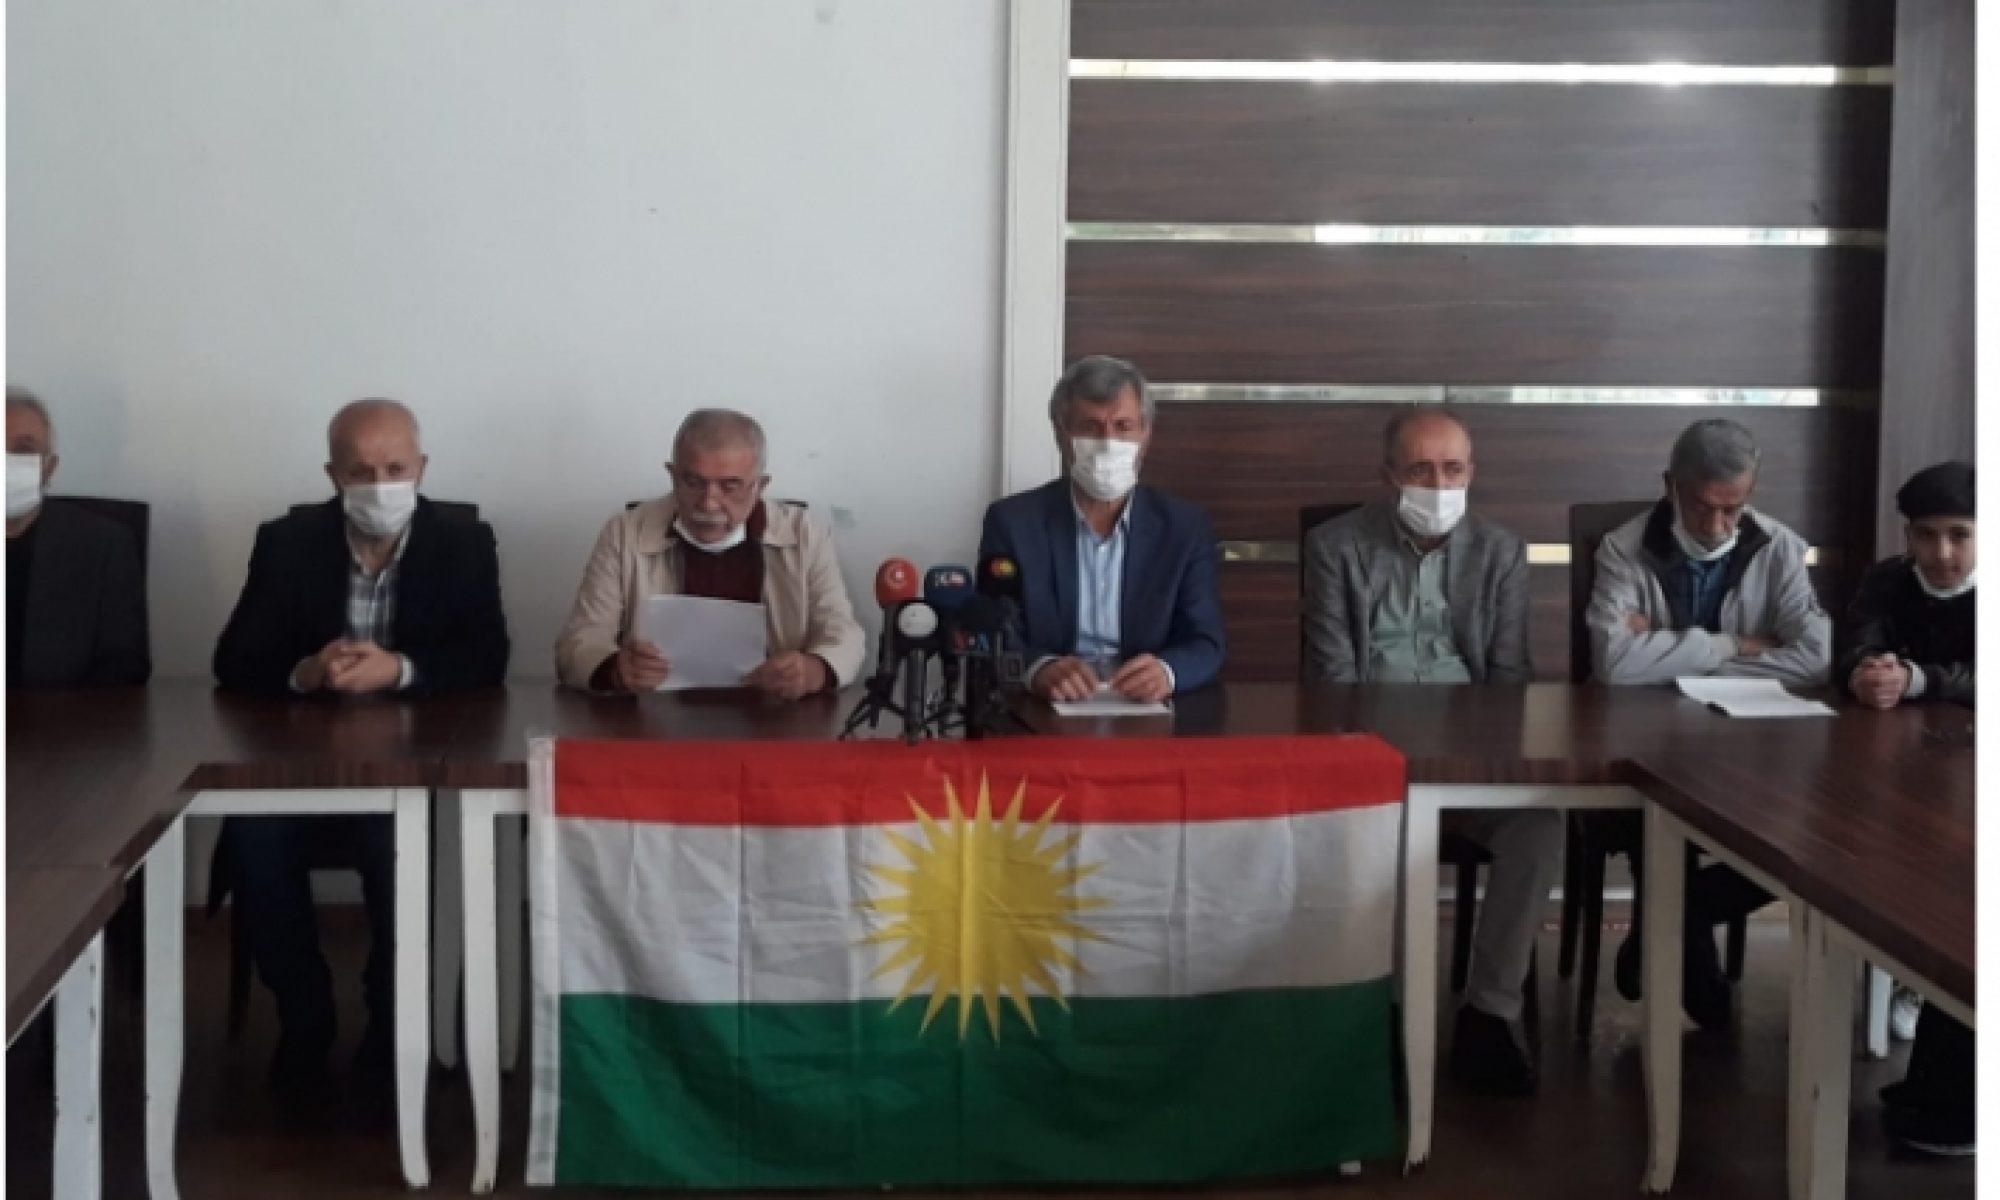 Amed'de 400 aydın ve siyasetçiden açıklama: PKK'nin Peşmergeye saldırısı Güney Kürdistan'daki mevcut siyasi statüyü ve federe devletin meşruiyetini yok sayan kabul edilemez bir saldırıdır